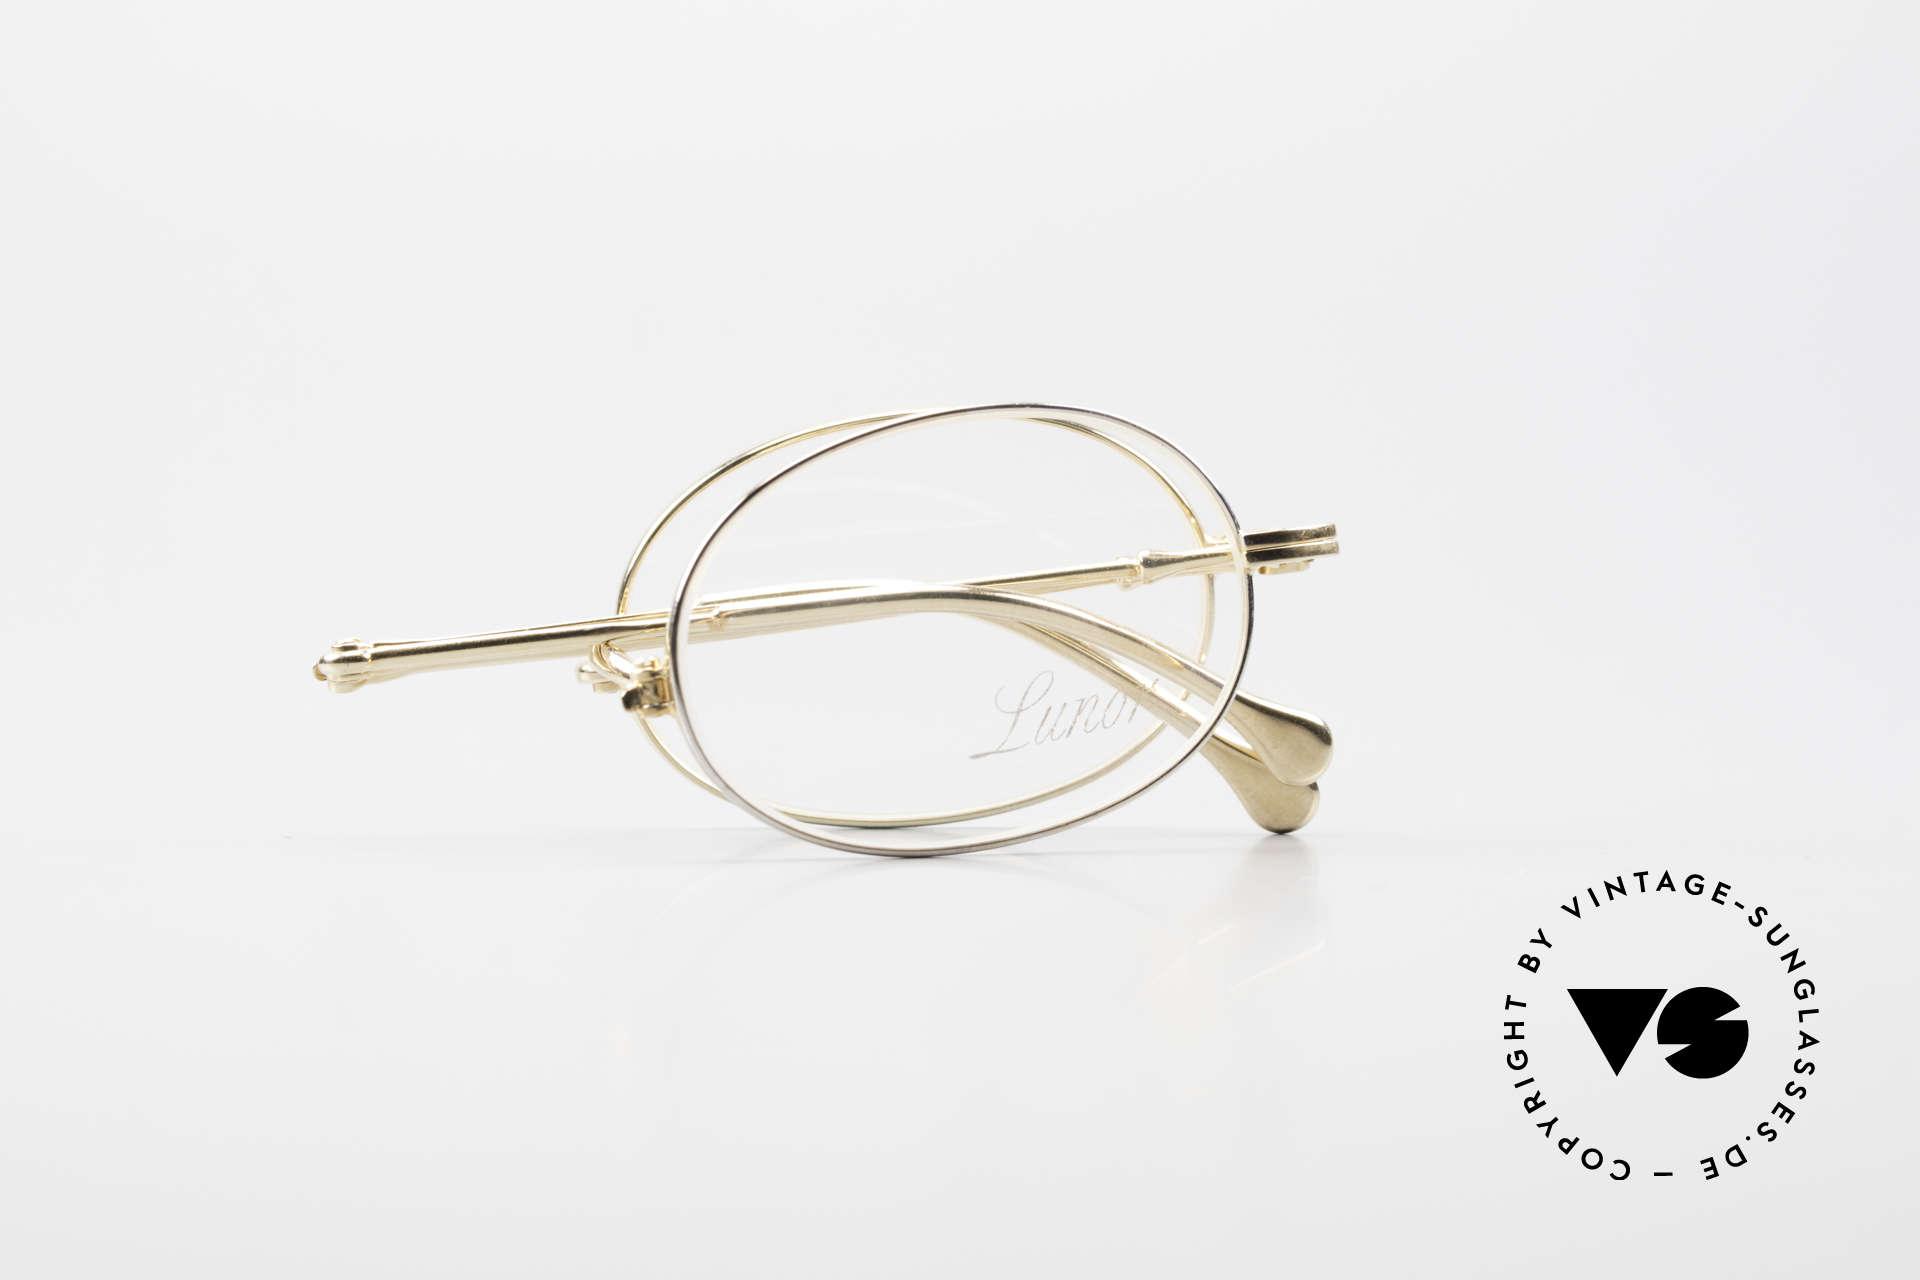 Lunor XXV Folding 04 Ovale Faltbrille Vergoldet, feines, ungetragenes LUNOR Einzelstück (RARITÄT), Passend für Herren und Damen